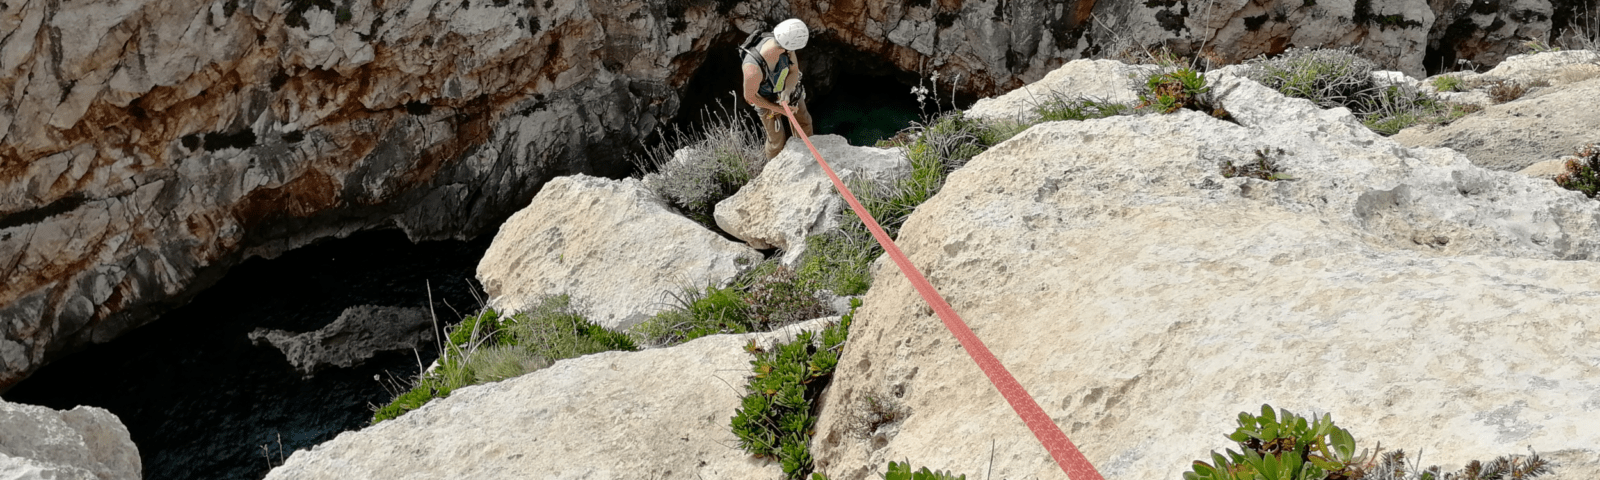 Abseilen nach dem Klettern